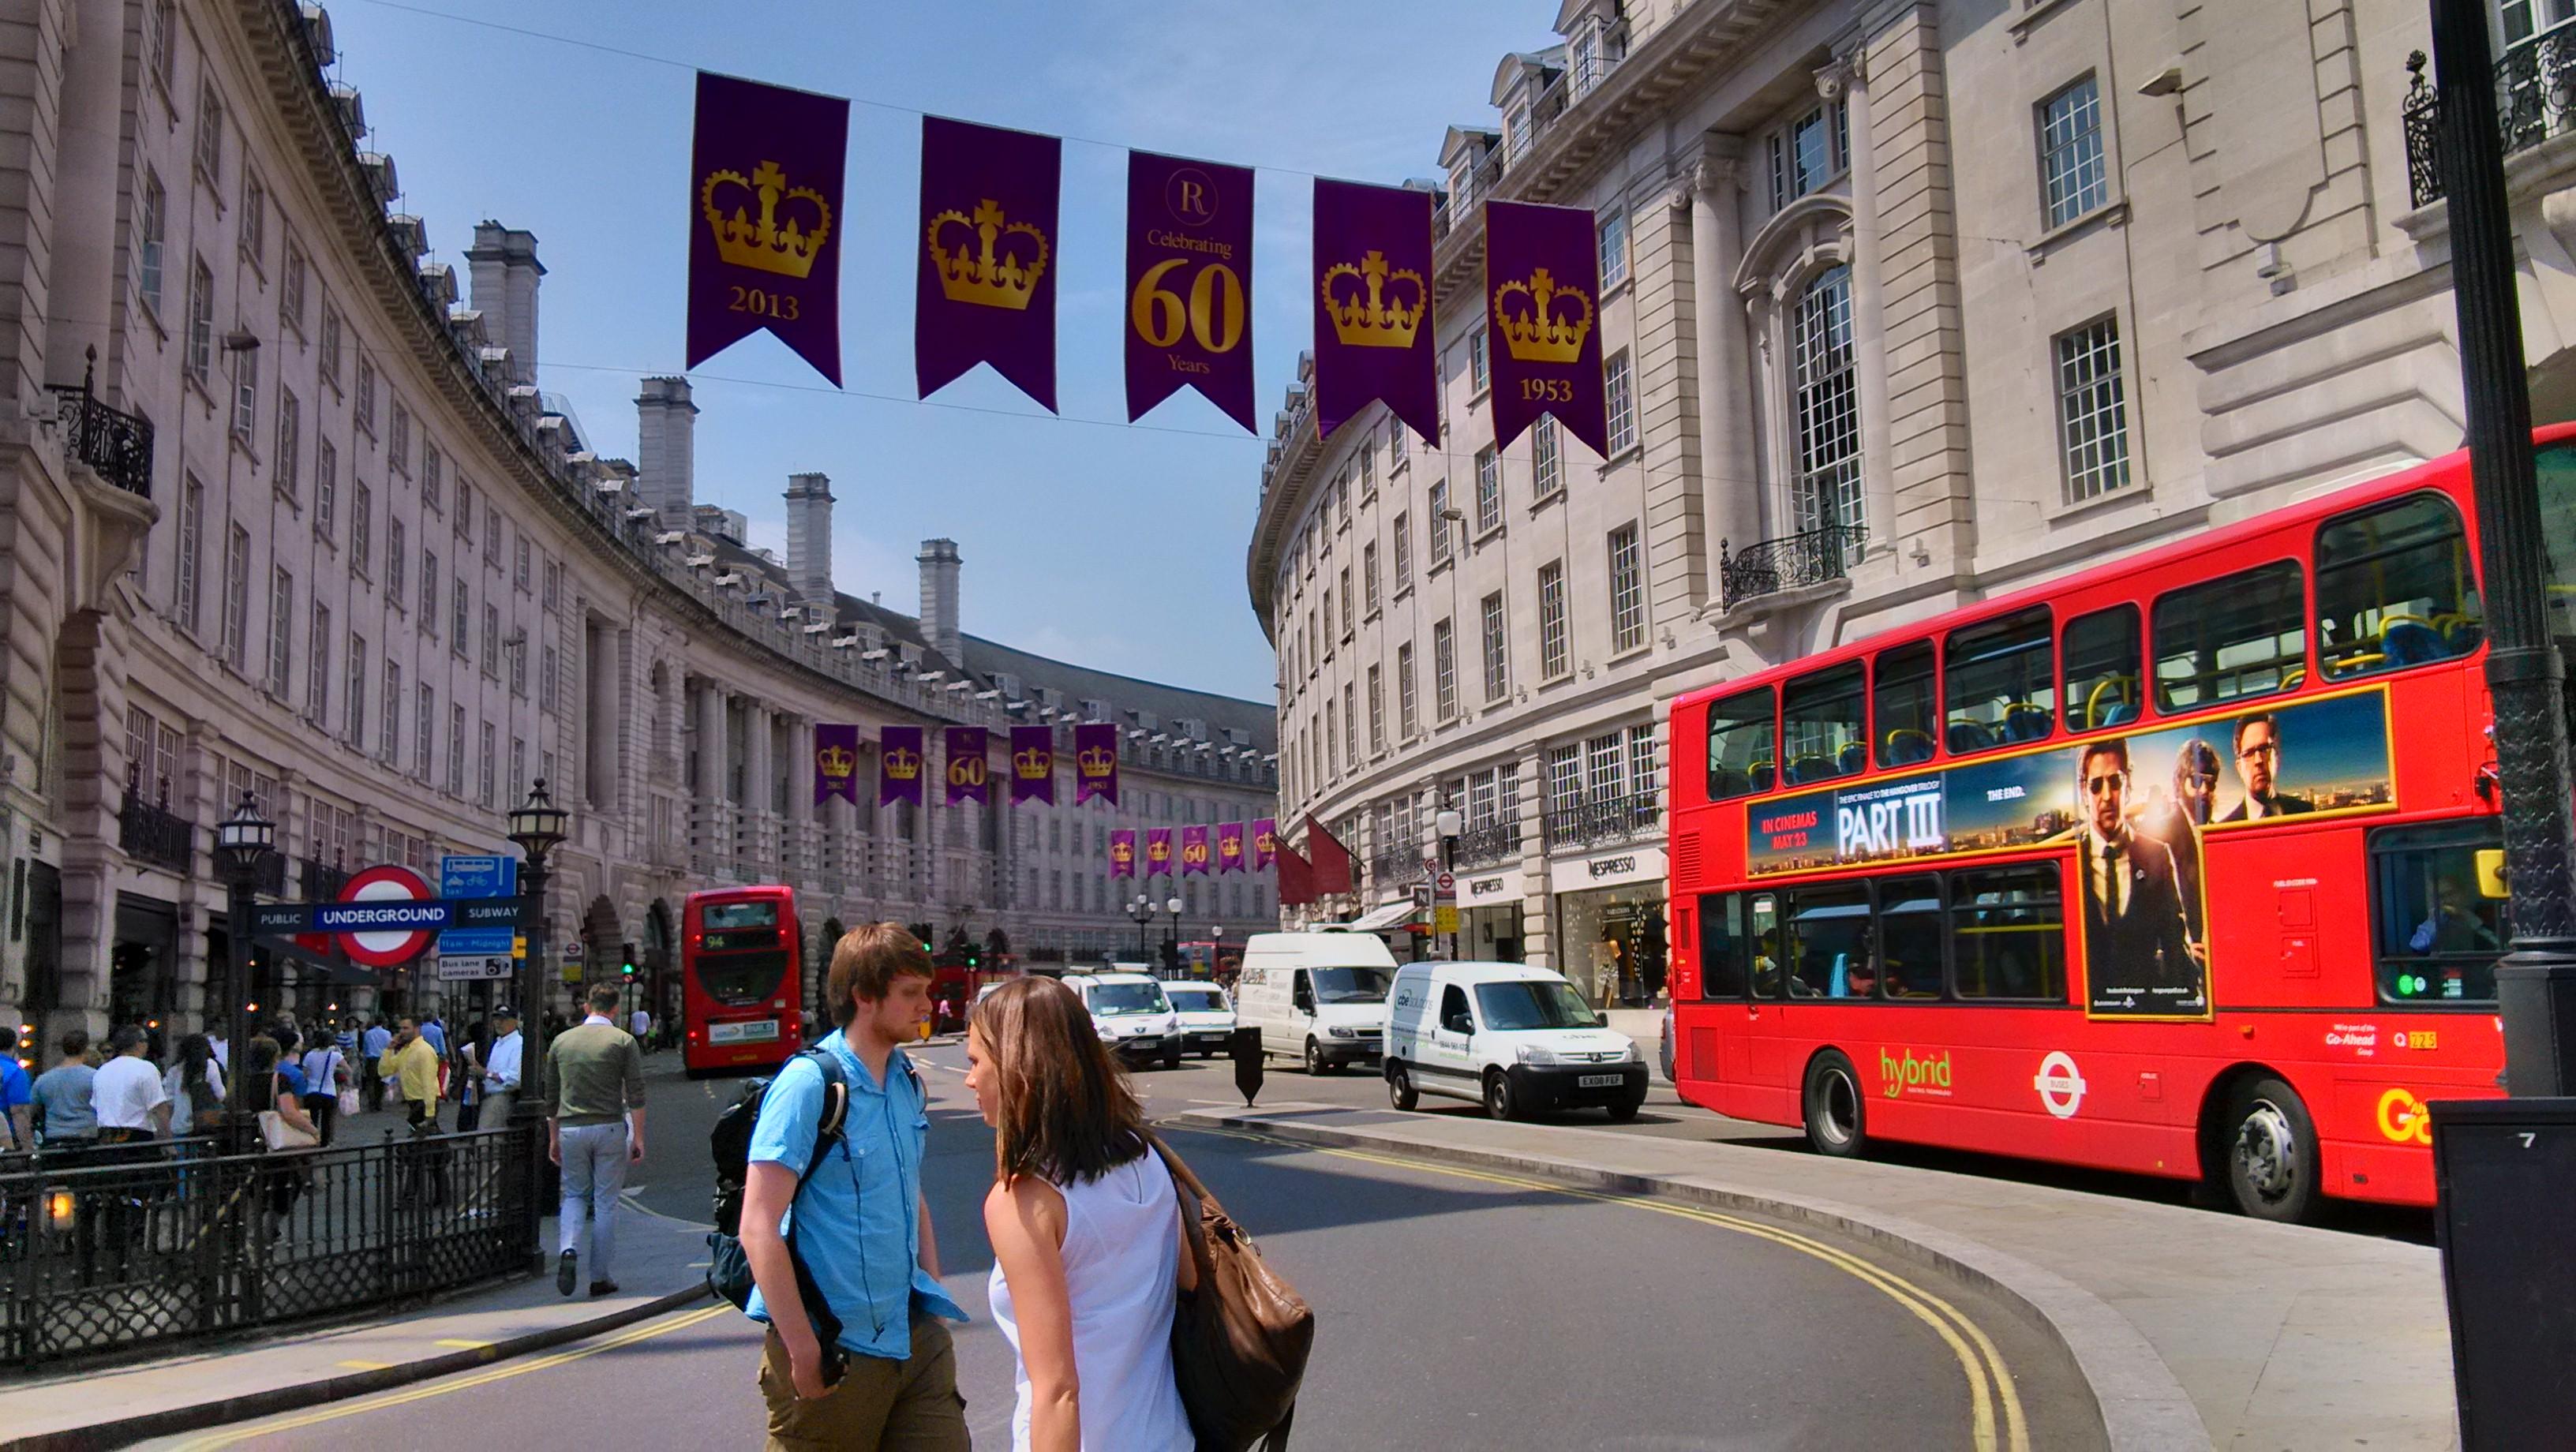 小米手机mi2 英国伦敦街景随意拍